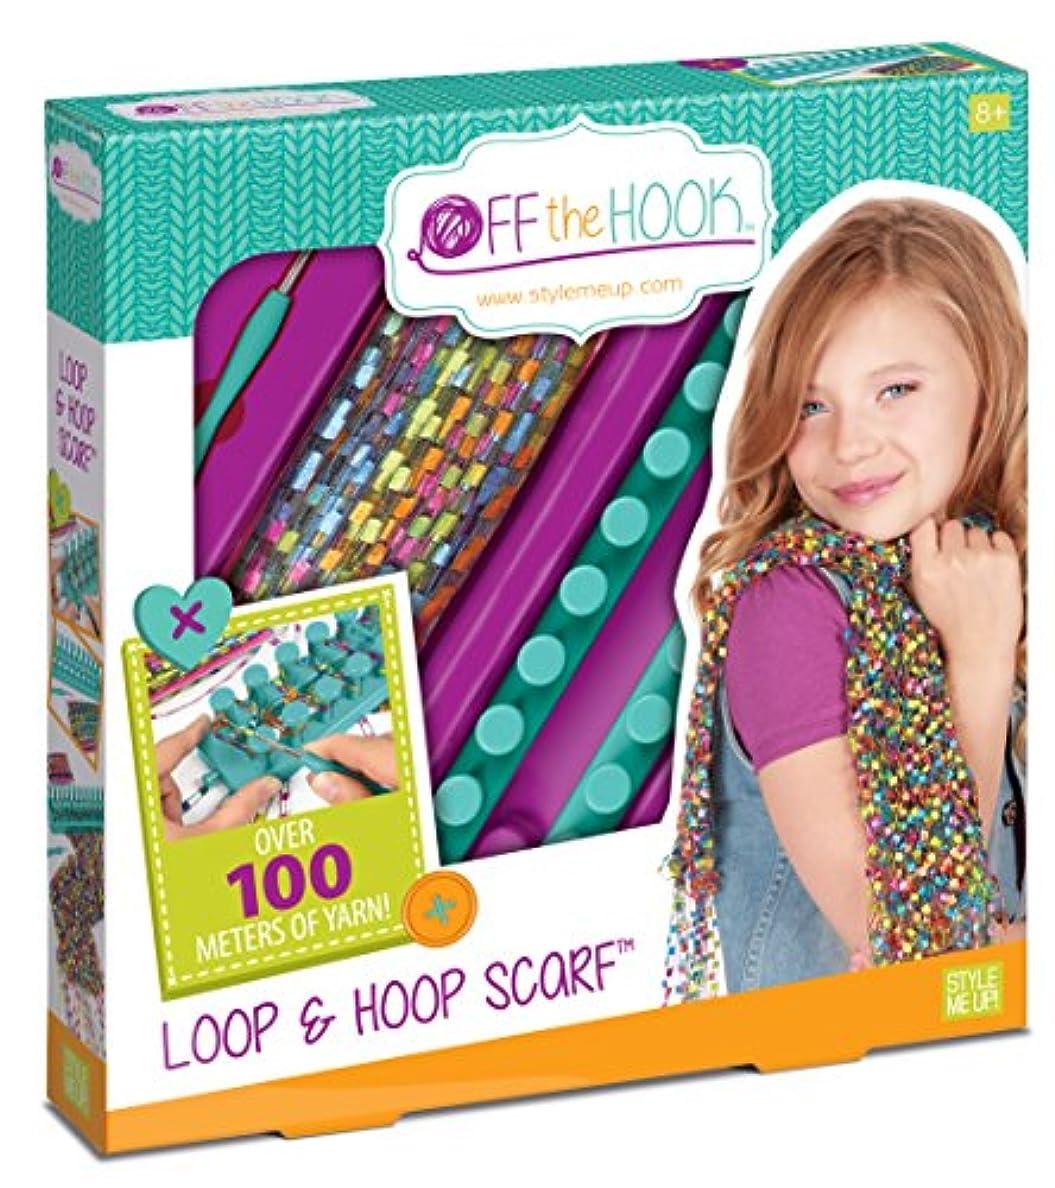 くつろぎバージン子供達私はファッションをニット スカーフ キット-スタイル